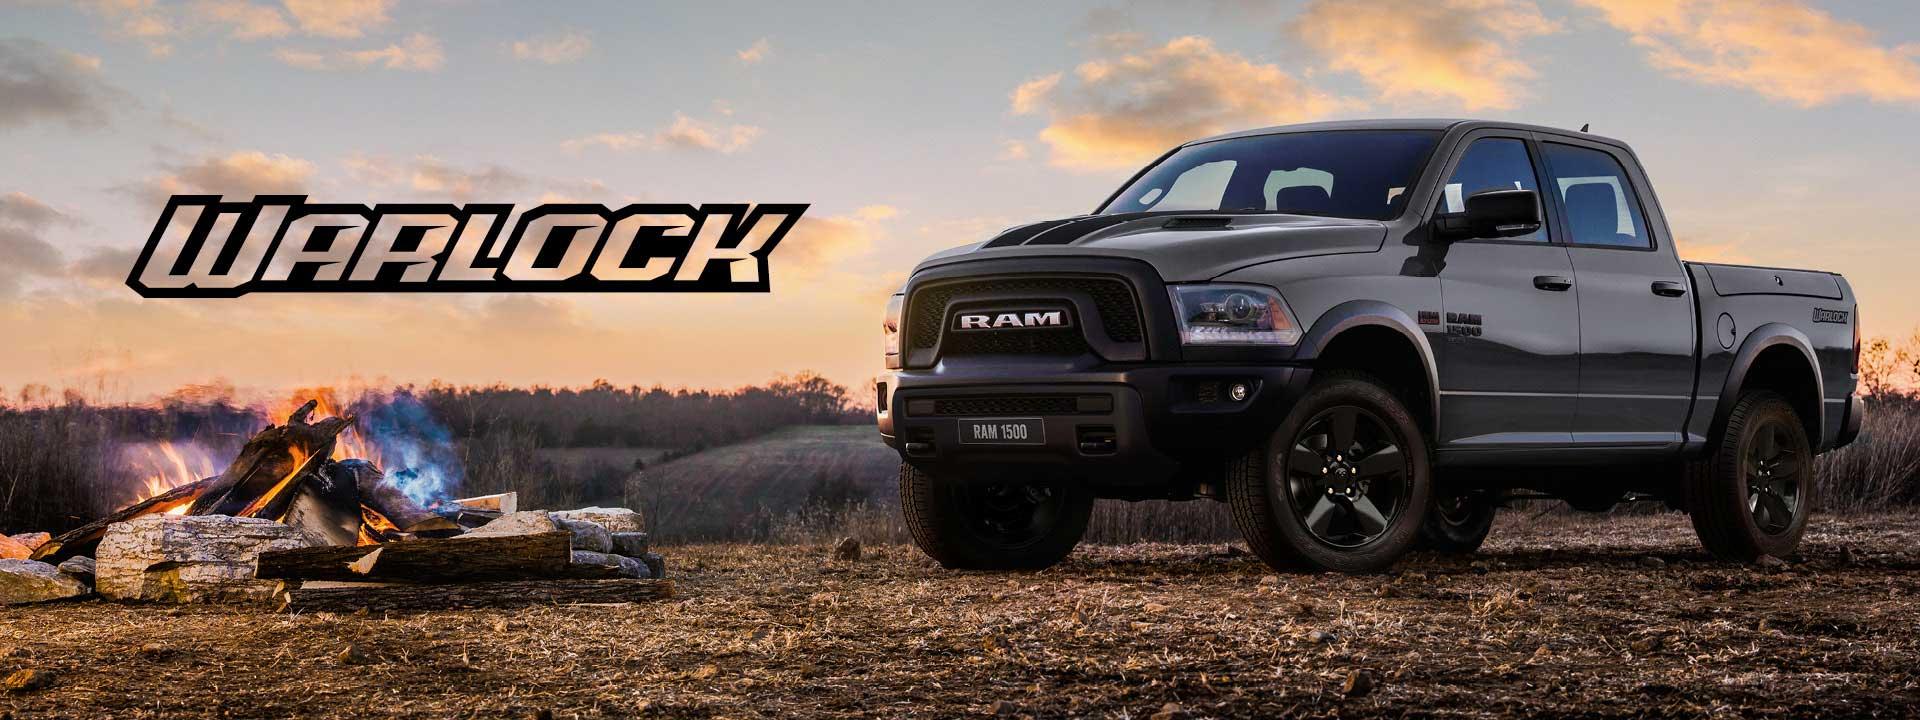 Official Ram Truck Website Ram Trucks Australia Ram Trucks Australia